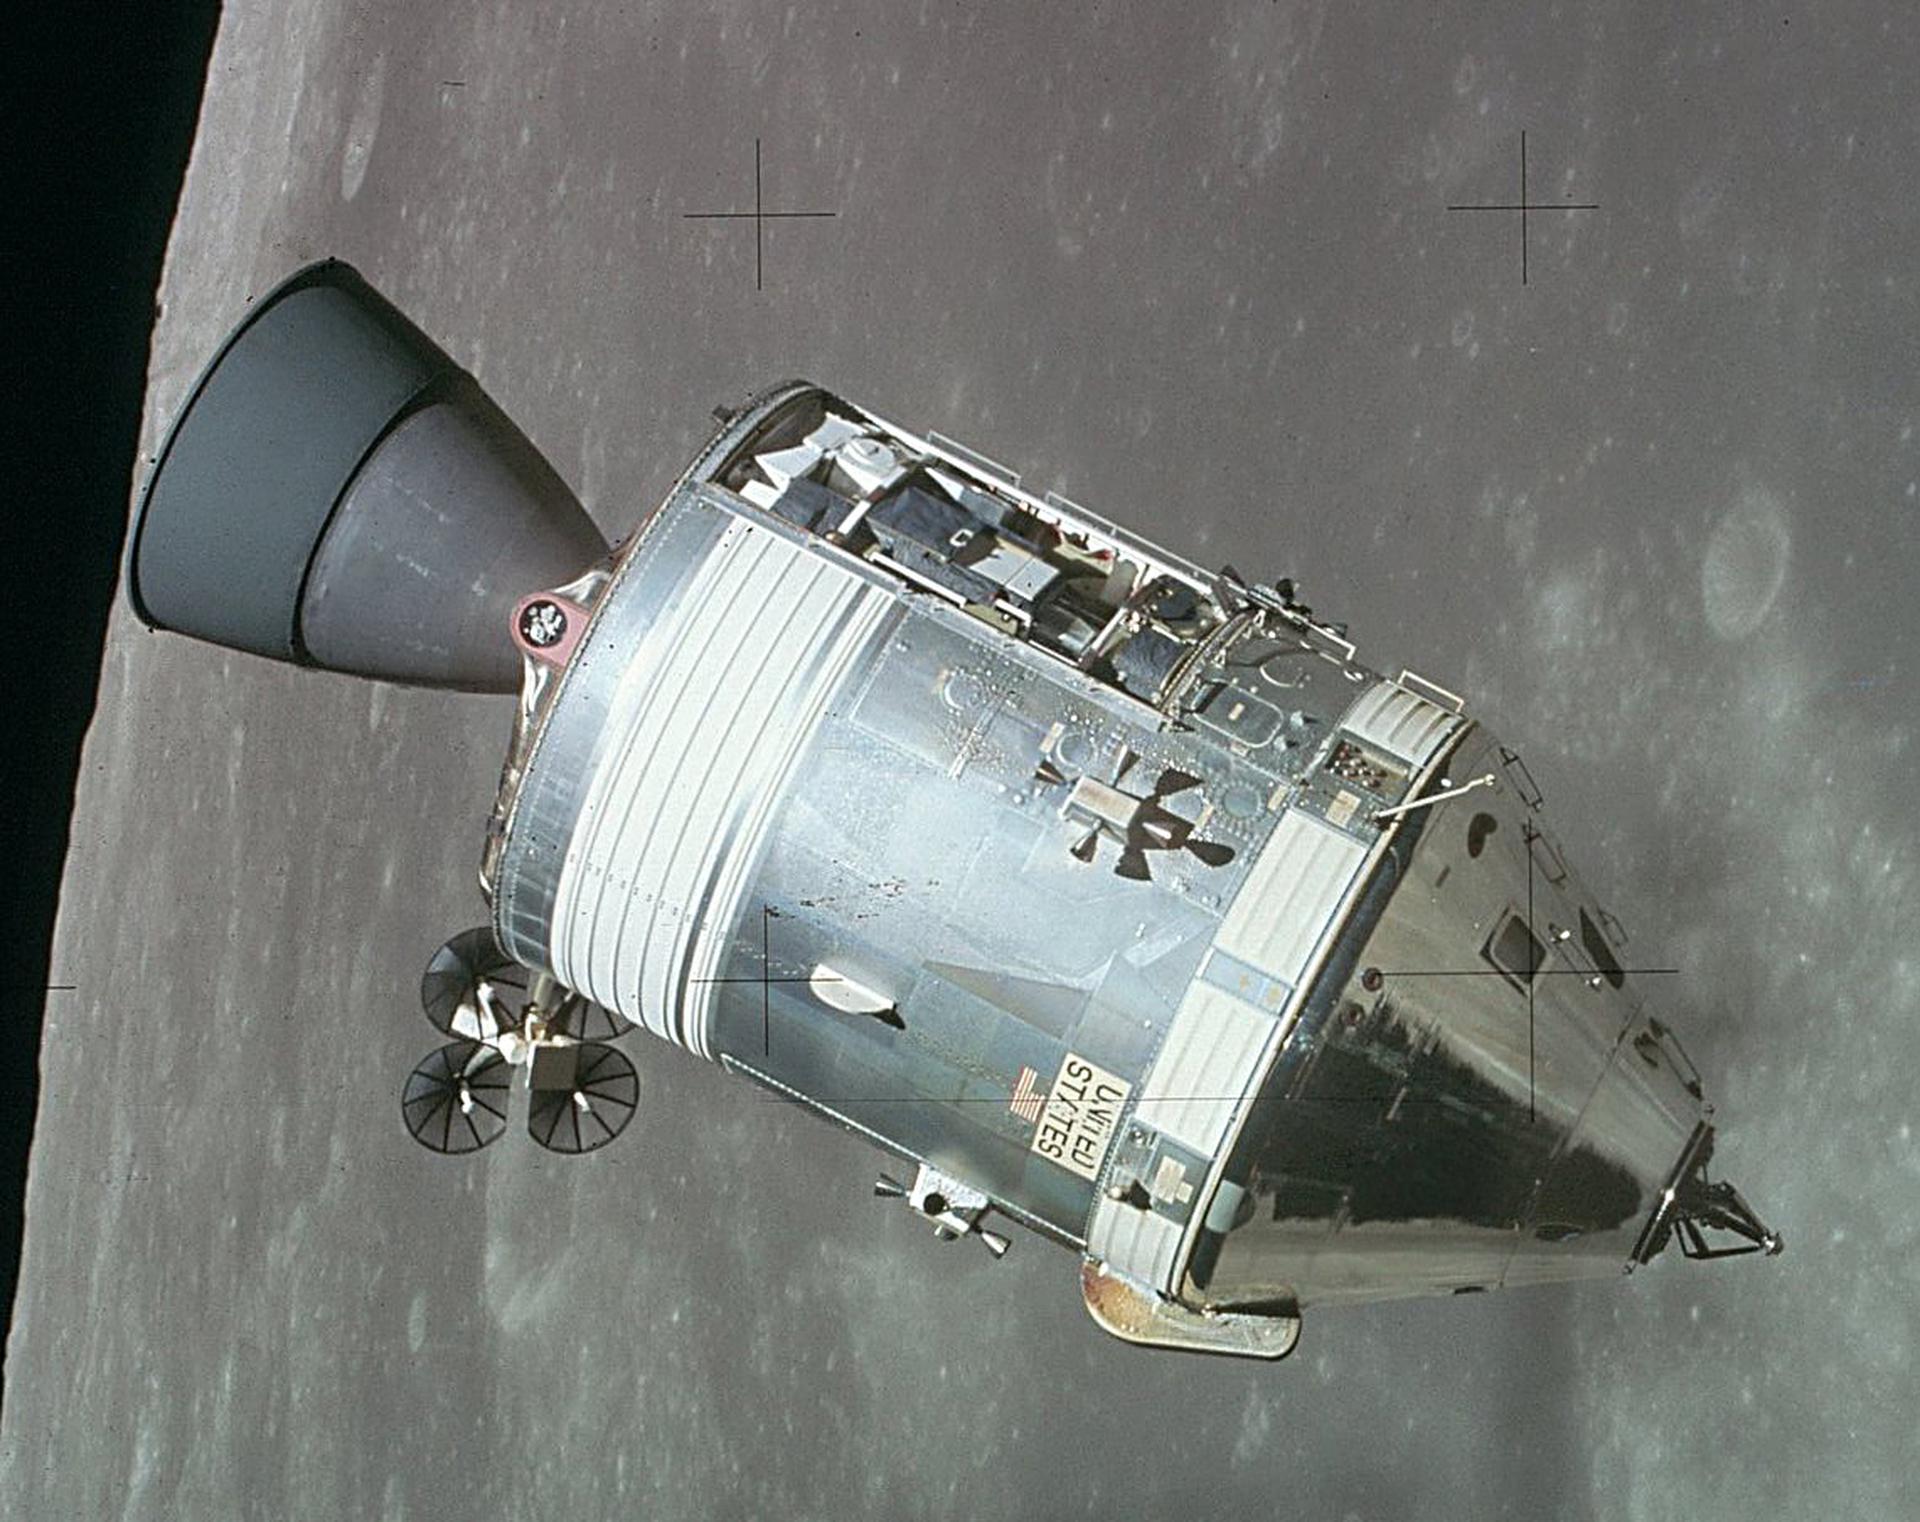 image of Apollo Command/Service Module